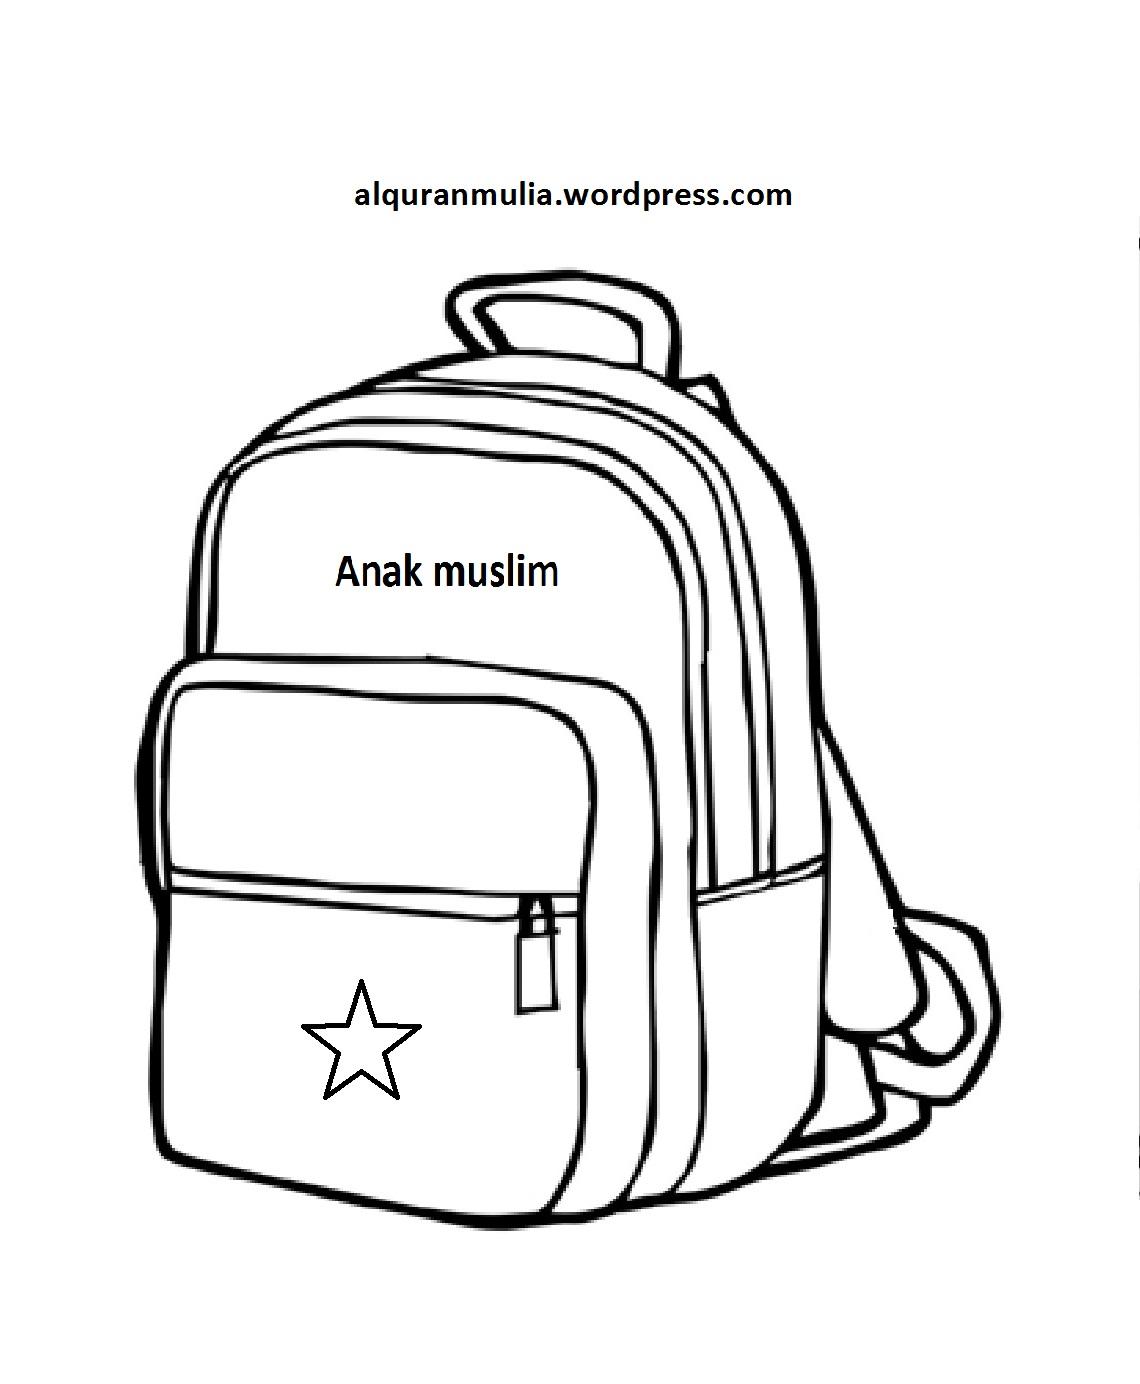 Mewarnai Gambar Benda Tas Anak Muslim Alqur Anmulia